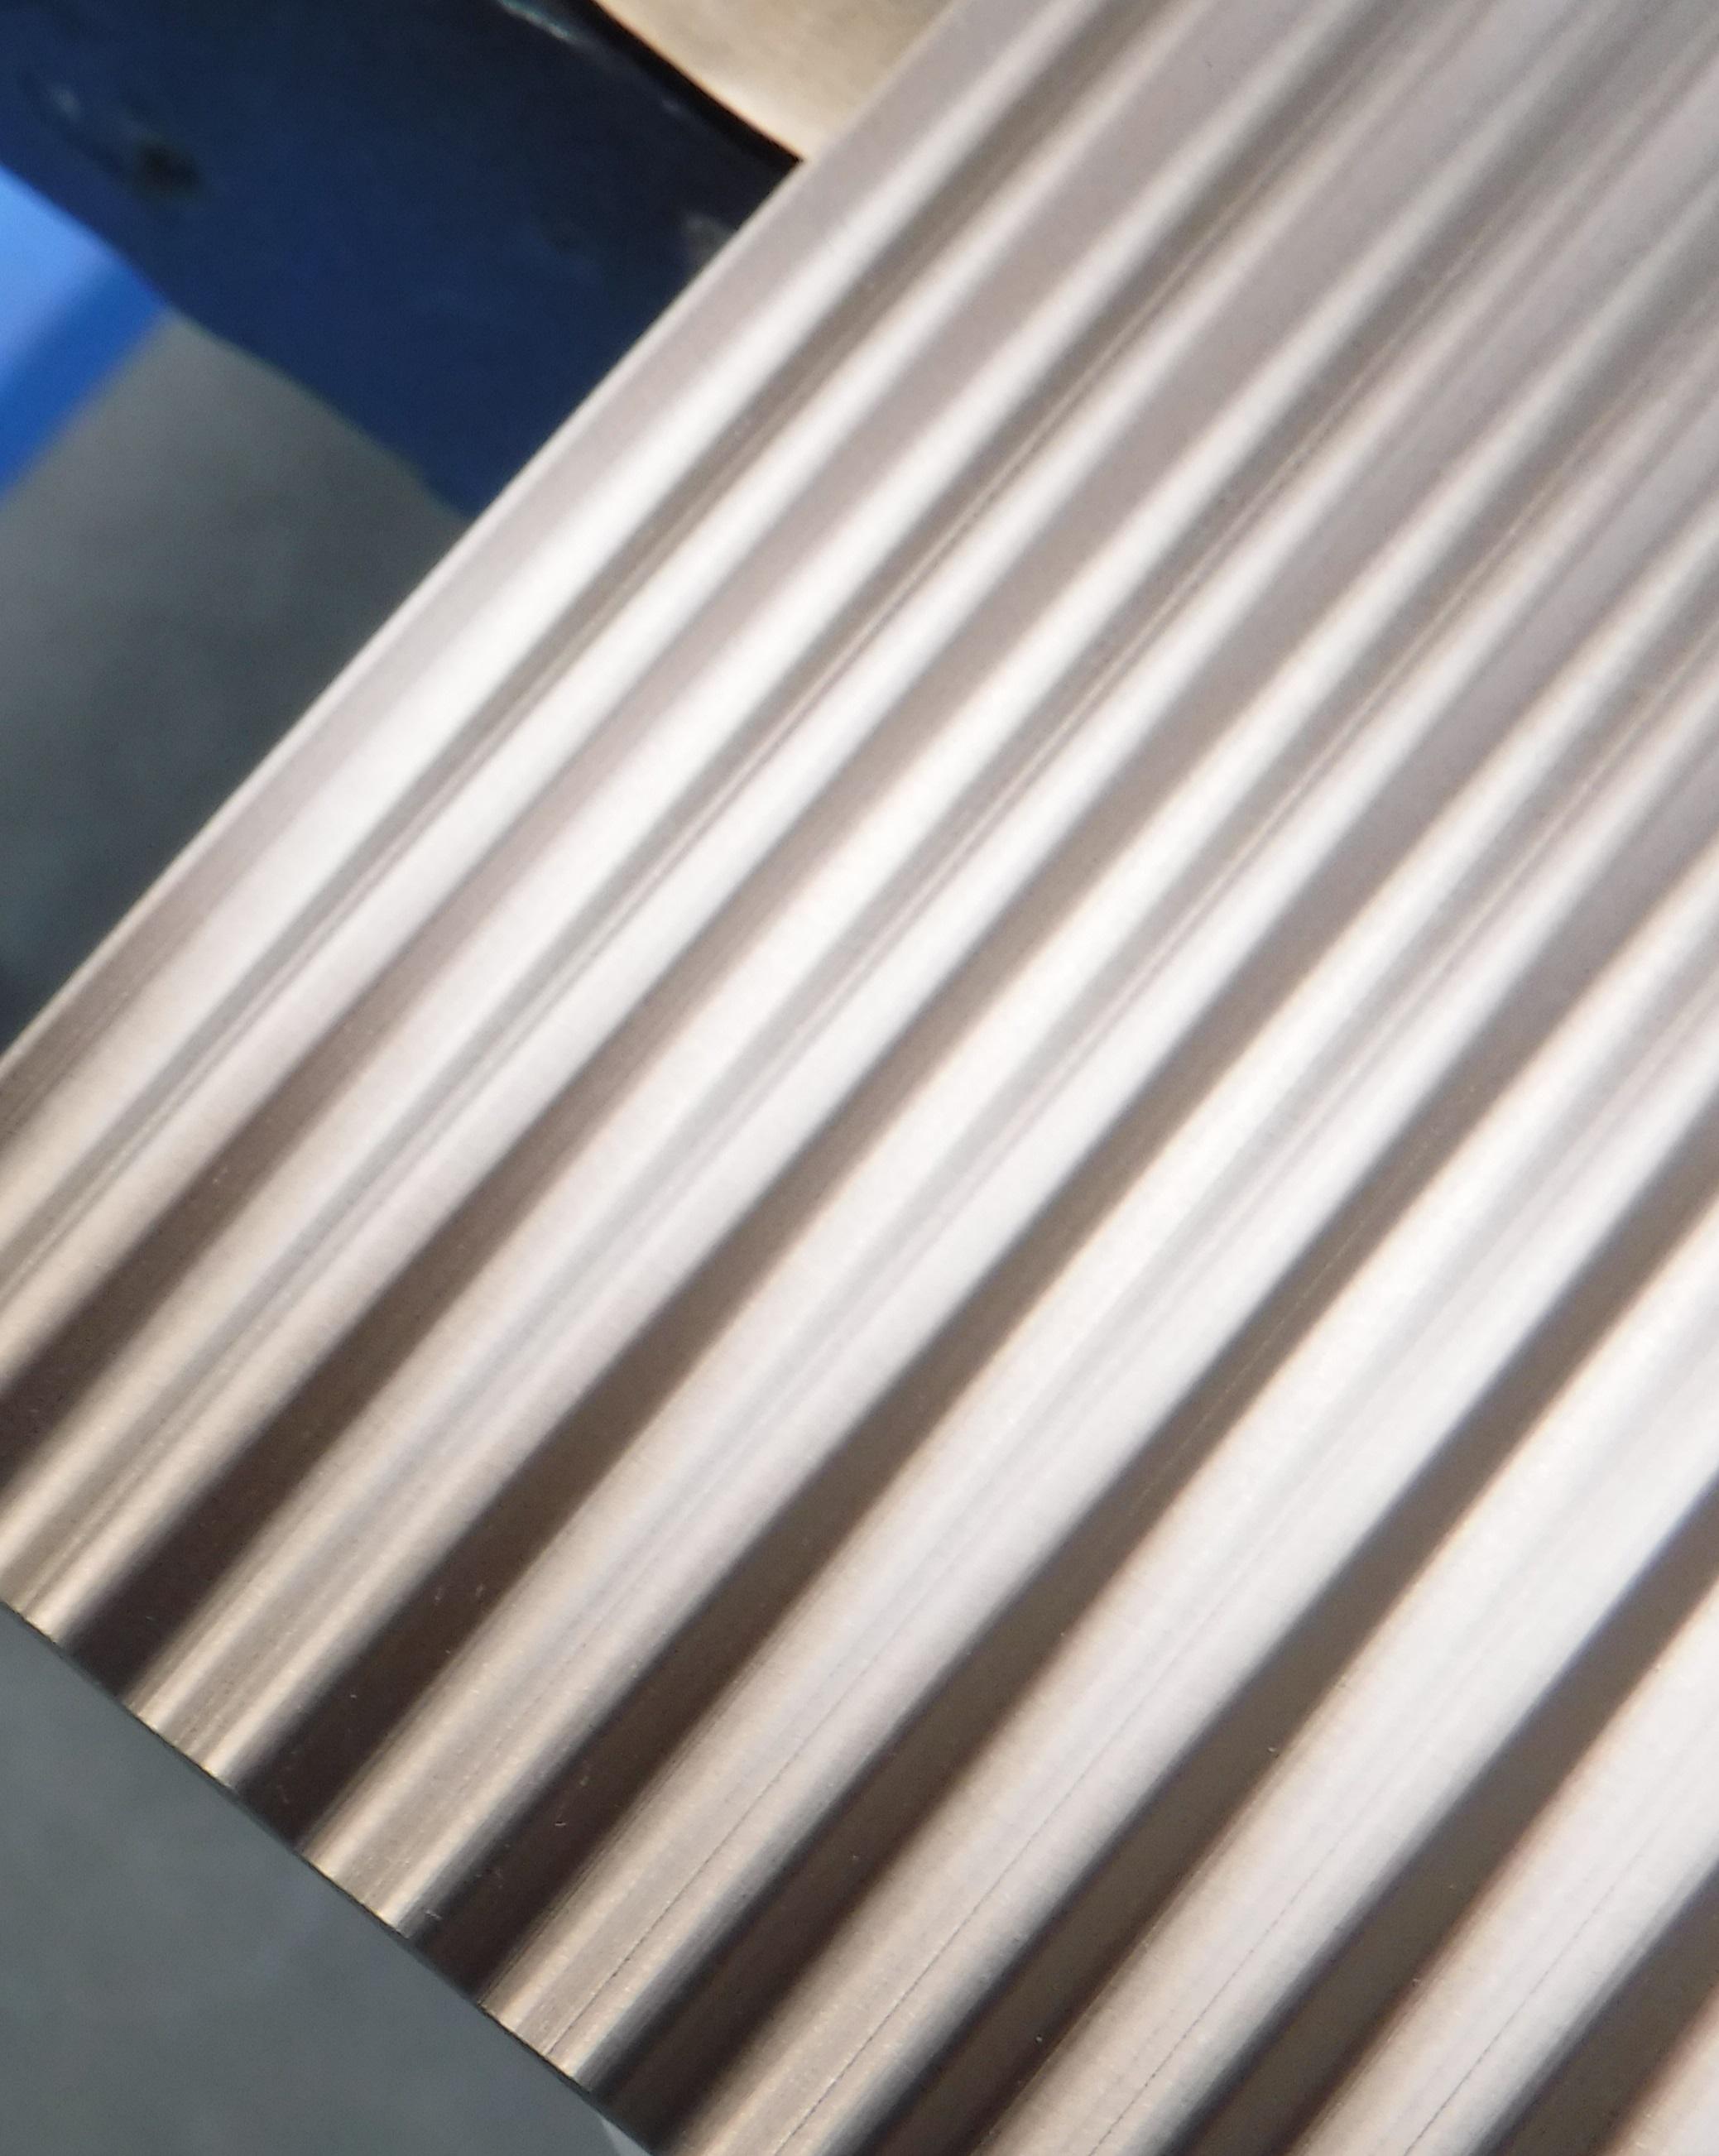 上から見た波型パネル。滑らかな波形状が表現されている。